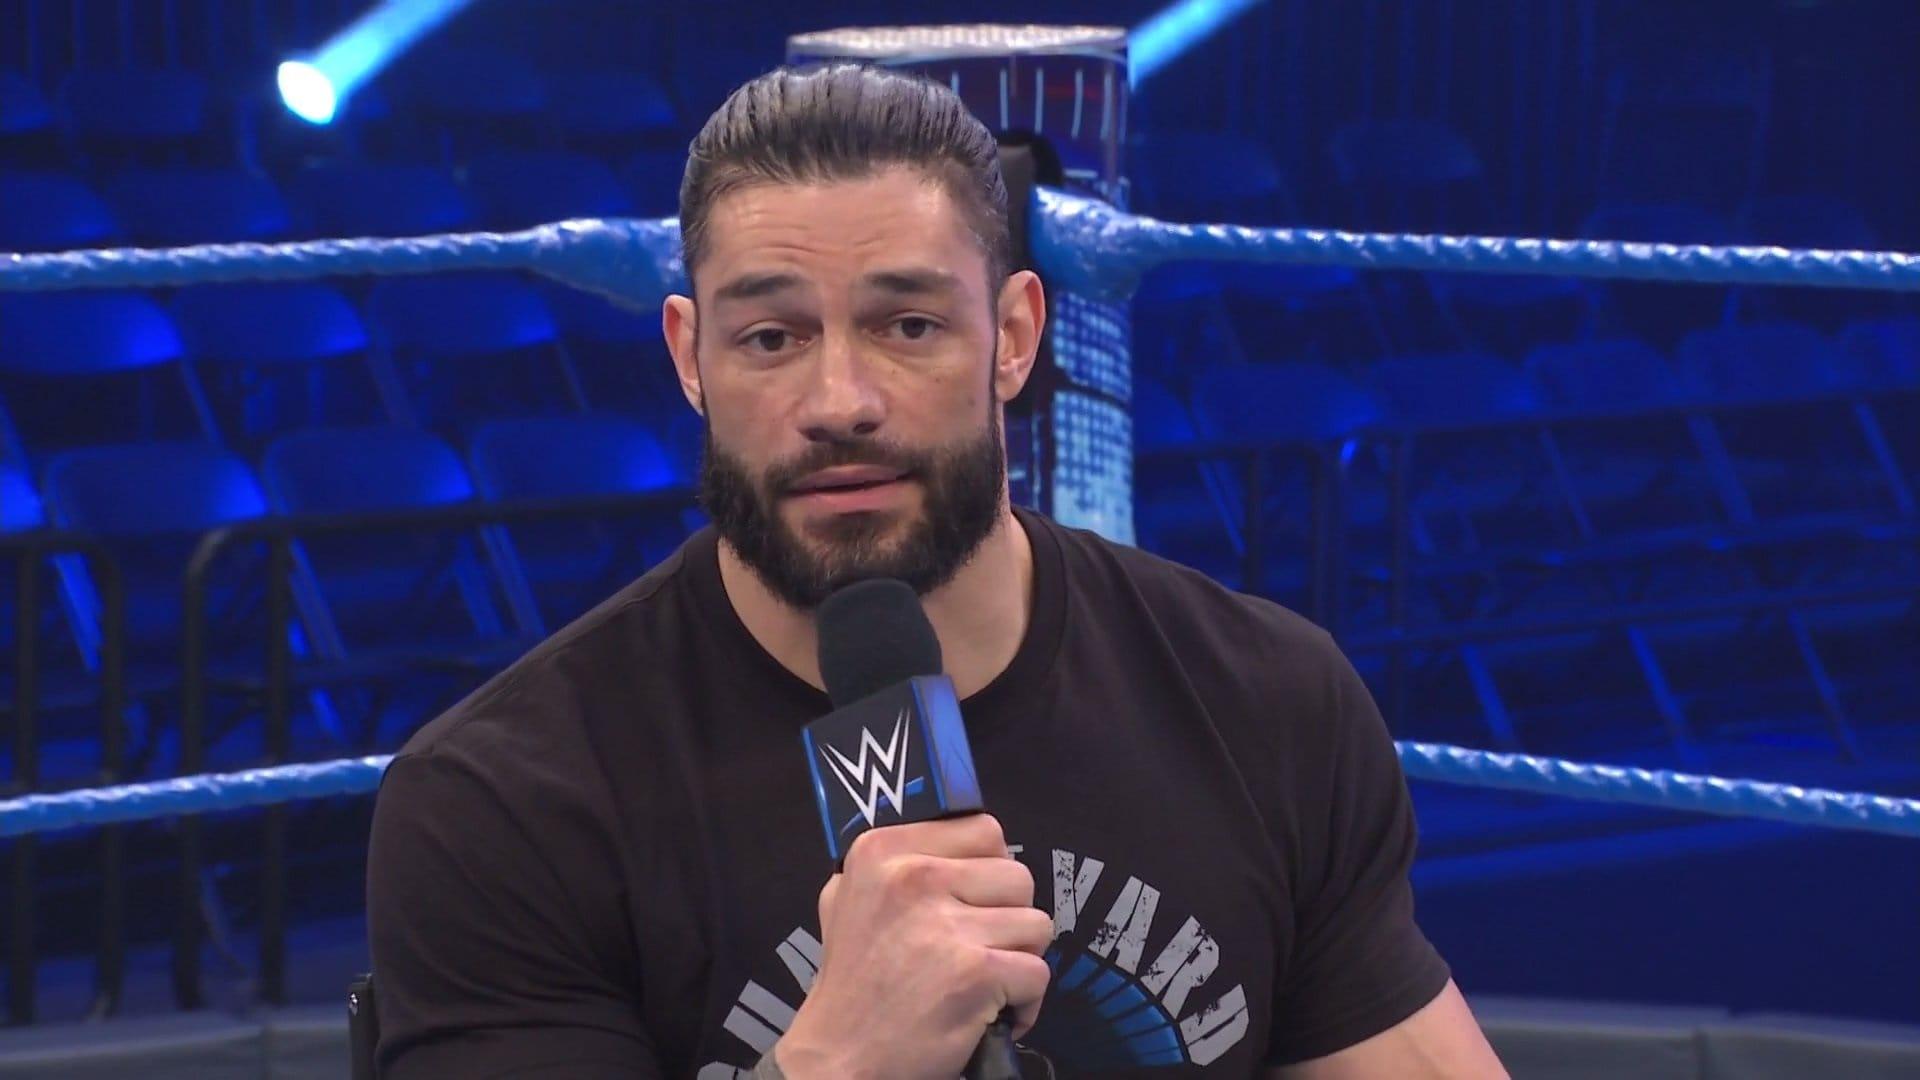 WWE வீரர்கள் மட்டுமே காம்பைரிங் செய்து ஒருவருக்கொருவர் சண்டையிட்டு விளையாடிவிட்டு சென்றனர்.